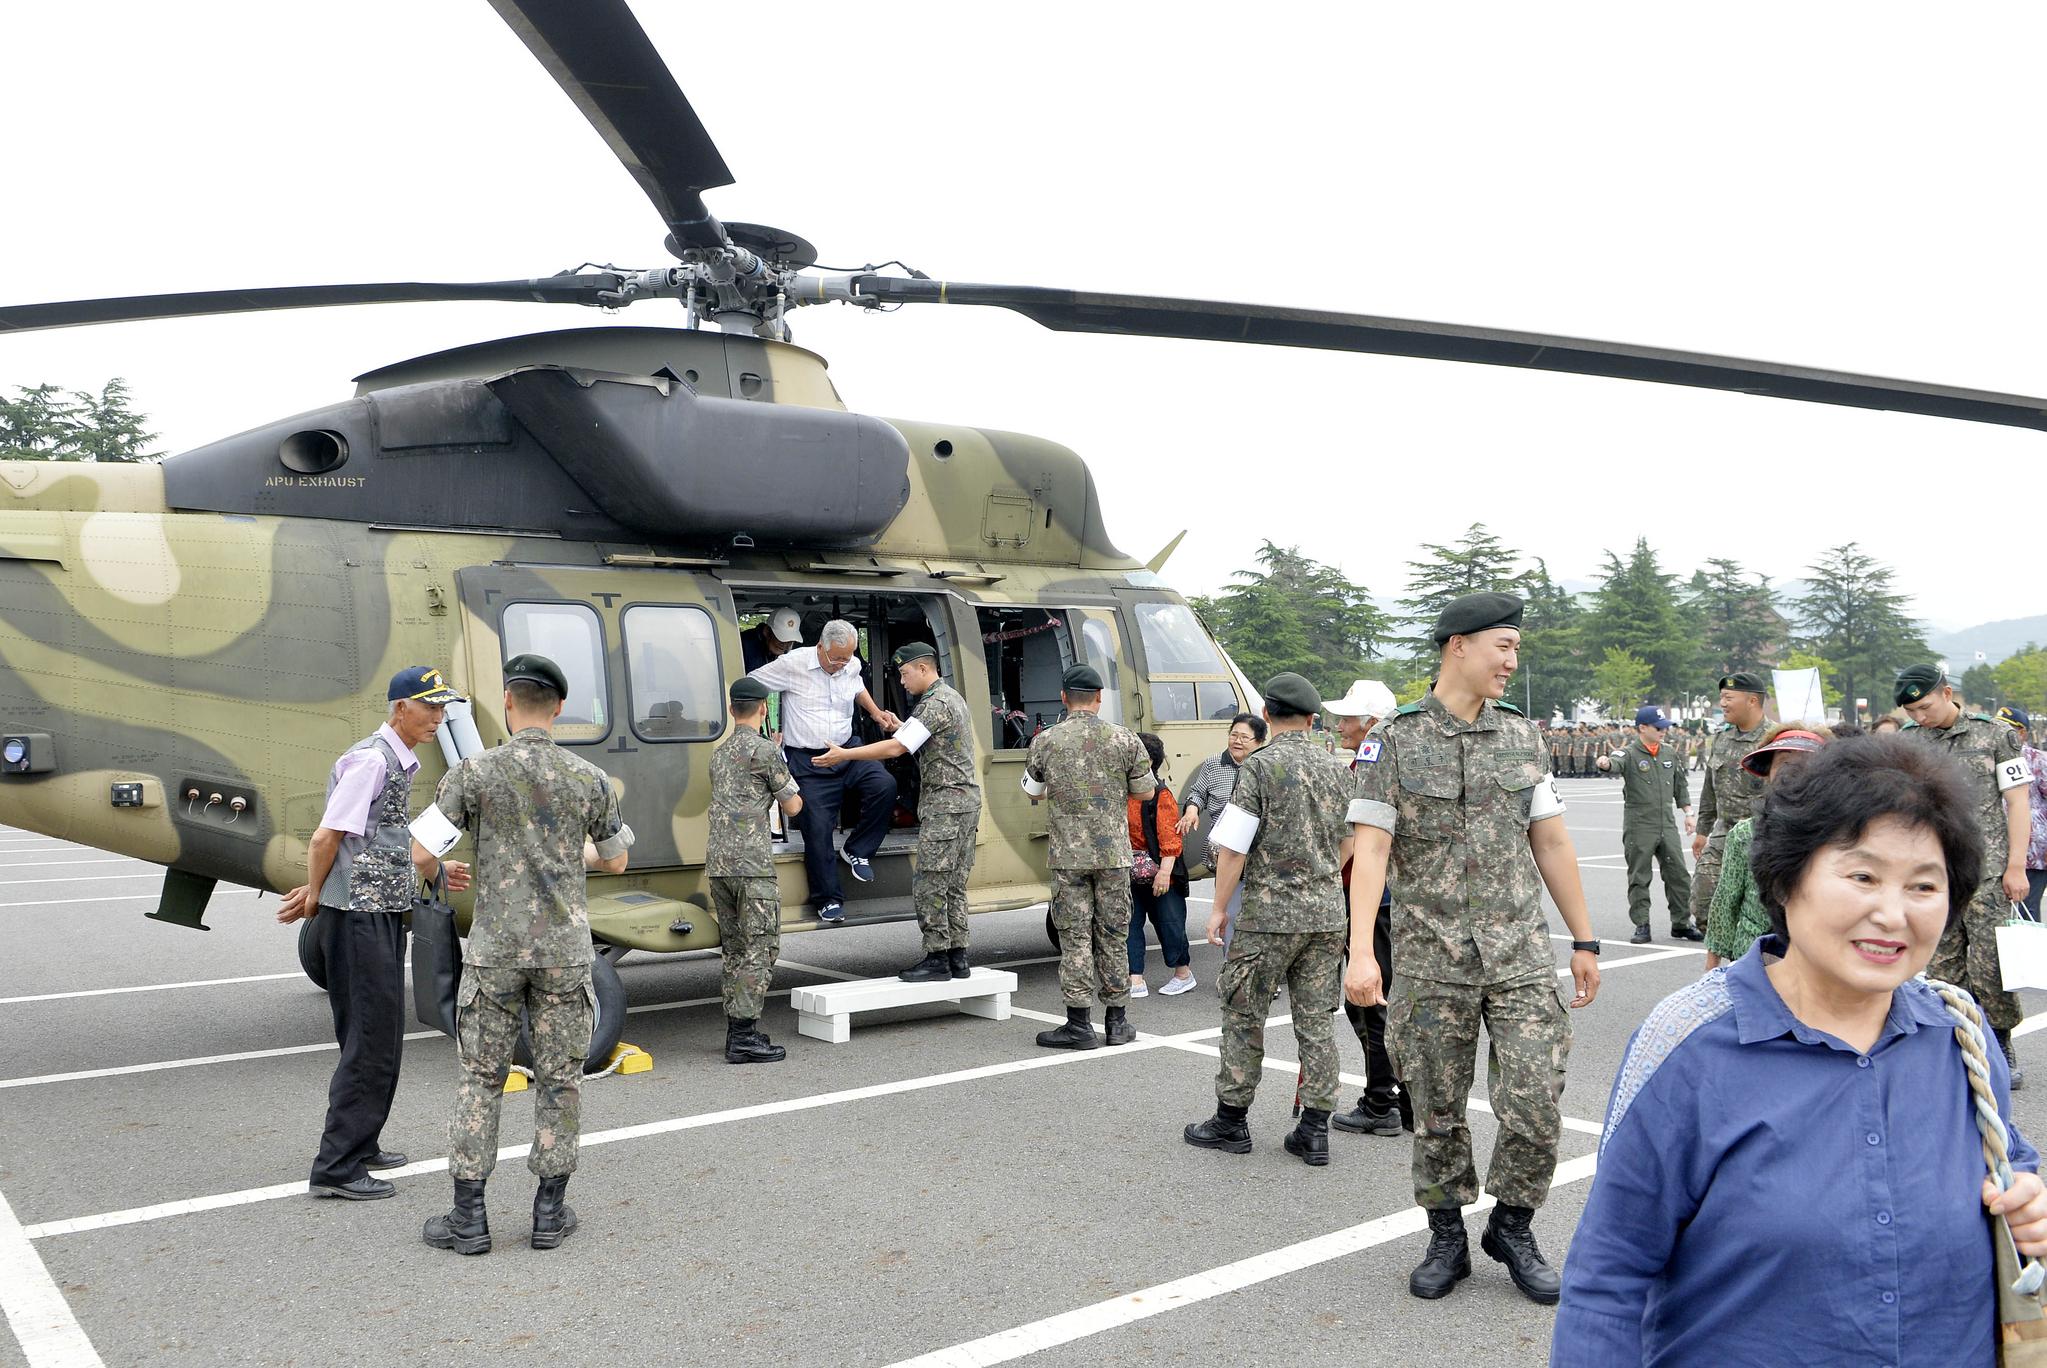 19일 충남 논산 육군훈련소에서 열린 6.25참전용사를 비롯한 보훈단체 초청 행사장에 전시된 수리온 헬기. 프리랜서 김성태